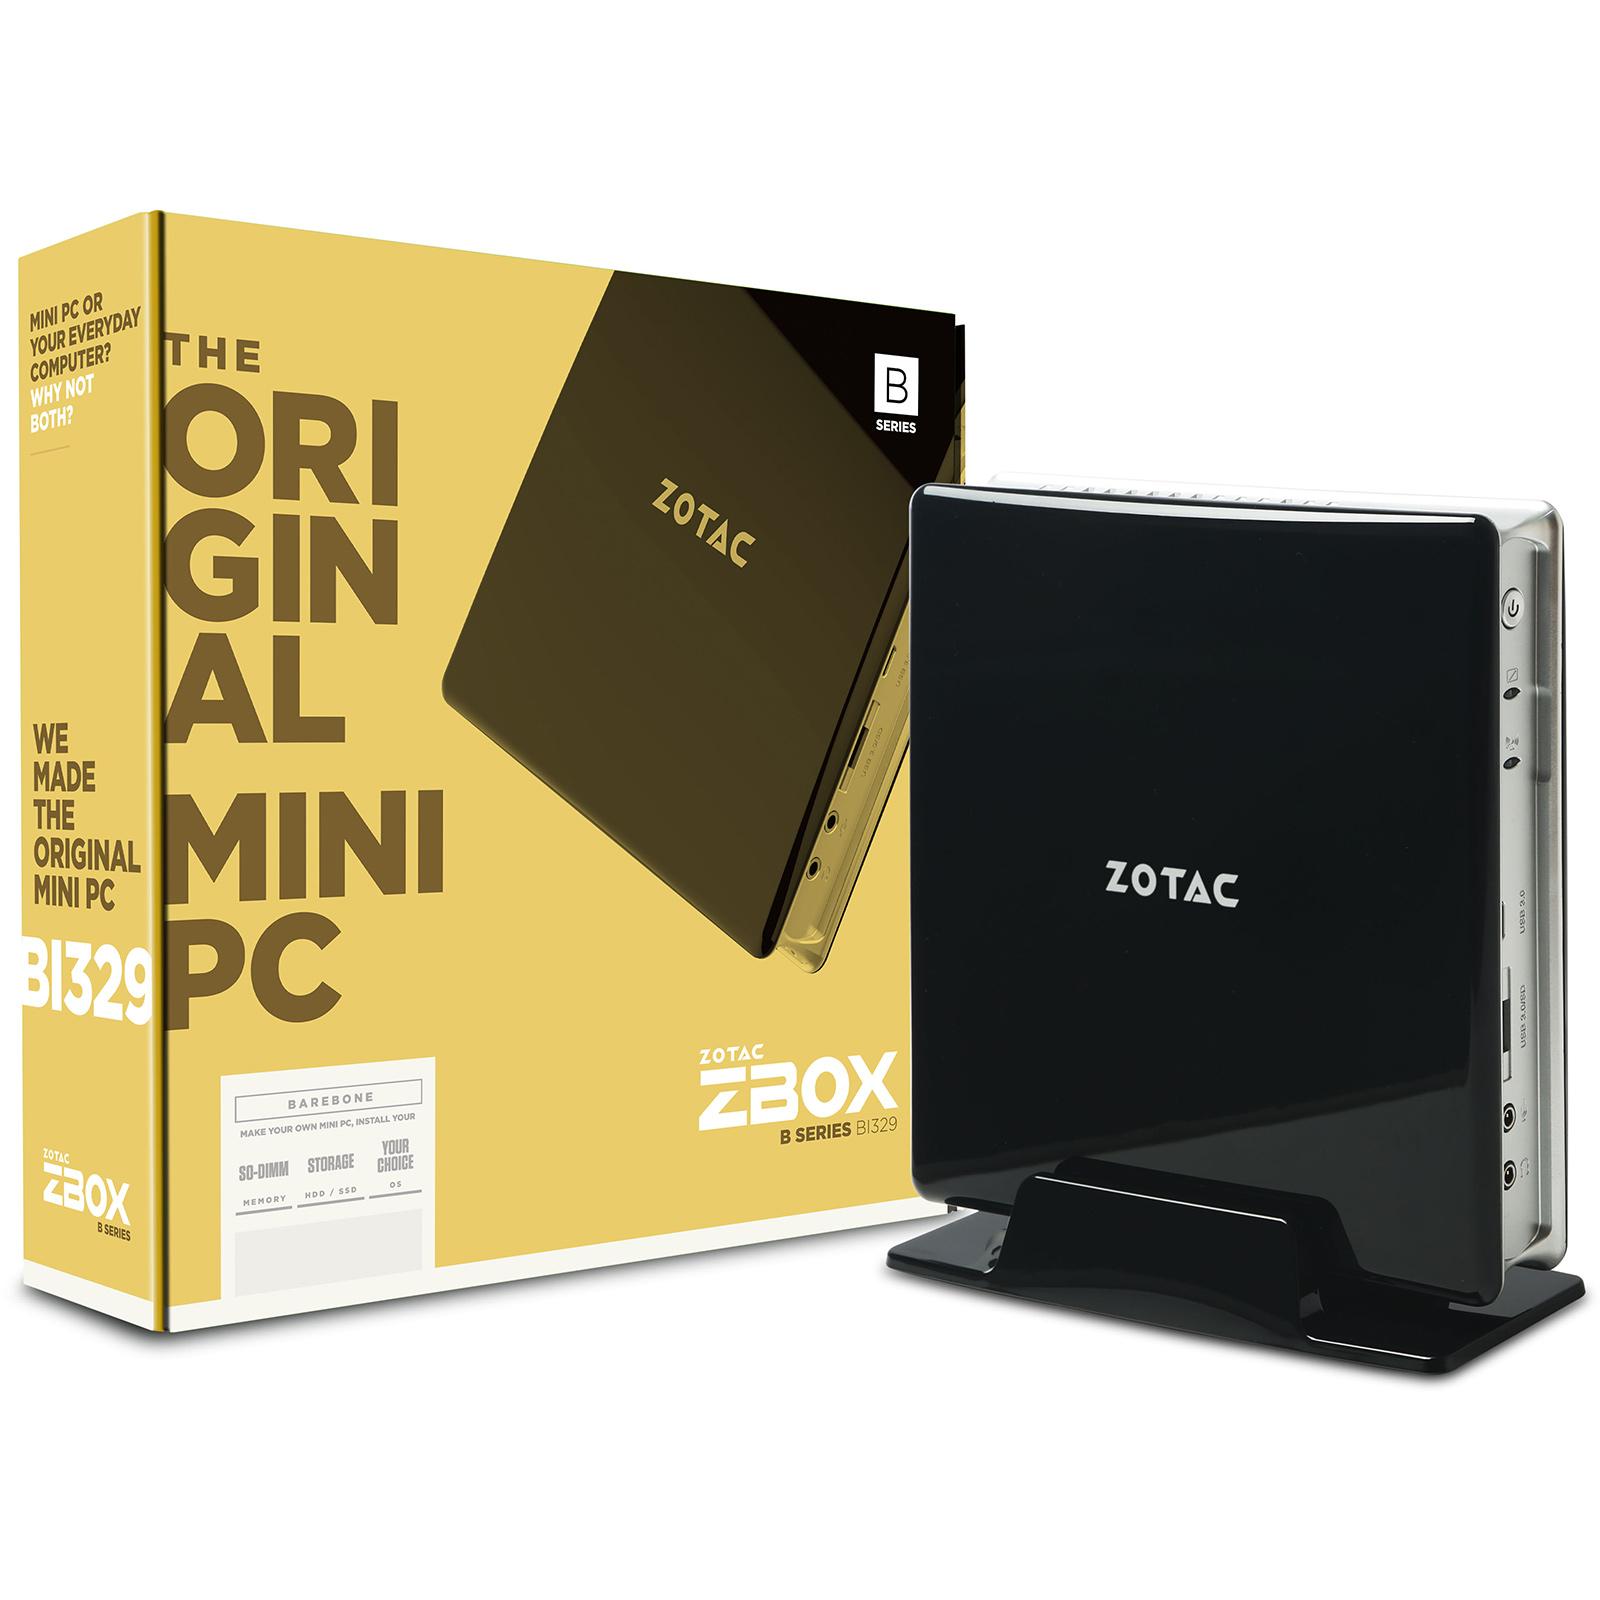 Barebone PC ZOTAC ZBOX BI329 Intel Celeron N4100 Intel UHD Graphics (sans écran/mémoire/disque dur)